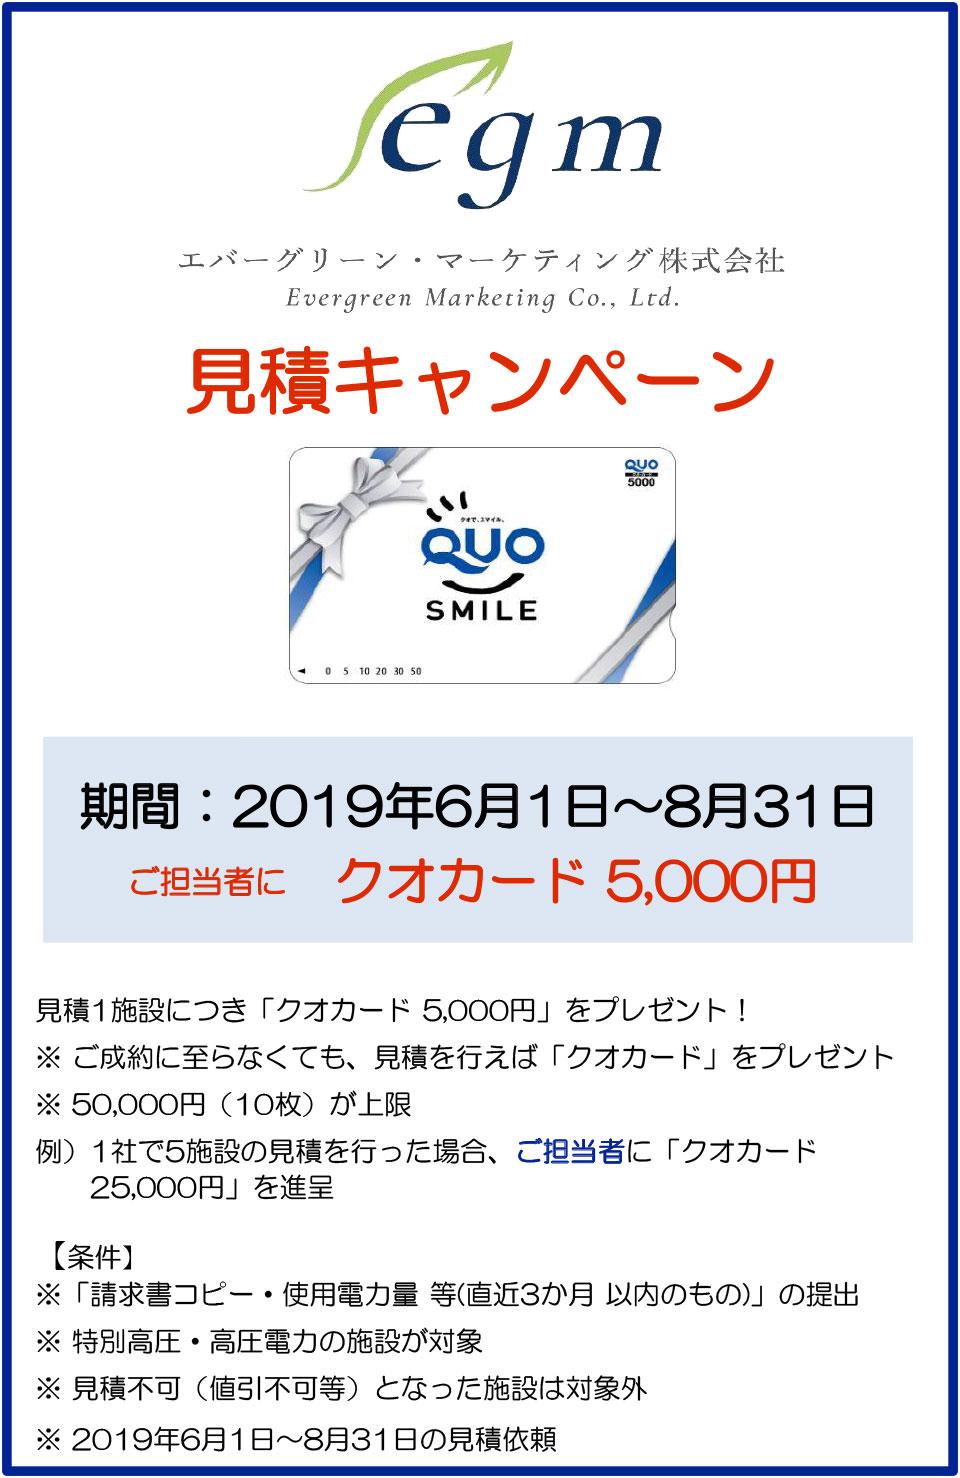 見積りキャンペーン「クオカード5,000円」 期間:6/1~8/31